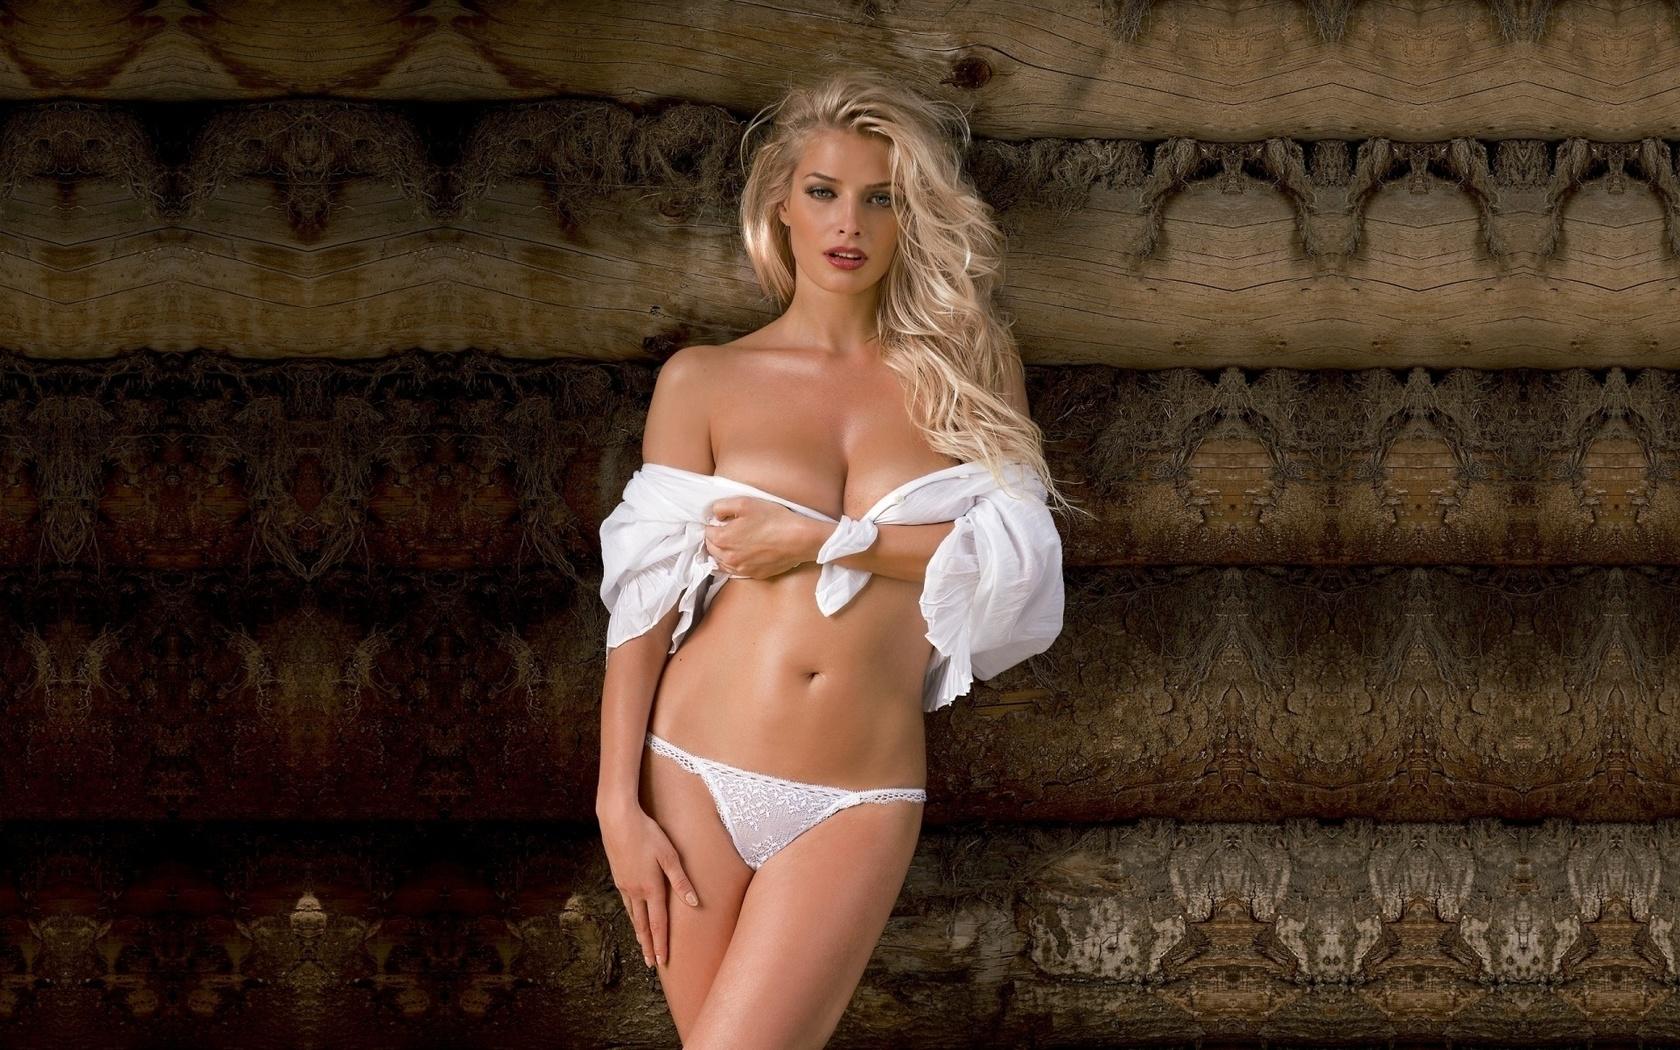 Фото русских знаменитостей для плейбоя, Российские актрисы, раздевшиеся для Playboy 1 фотография